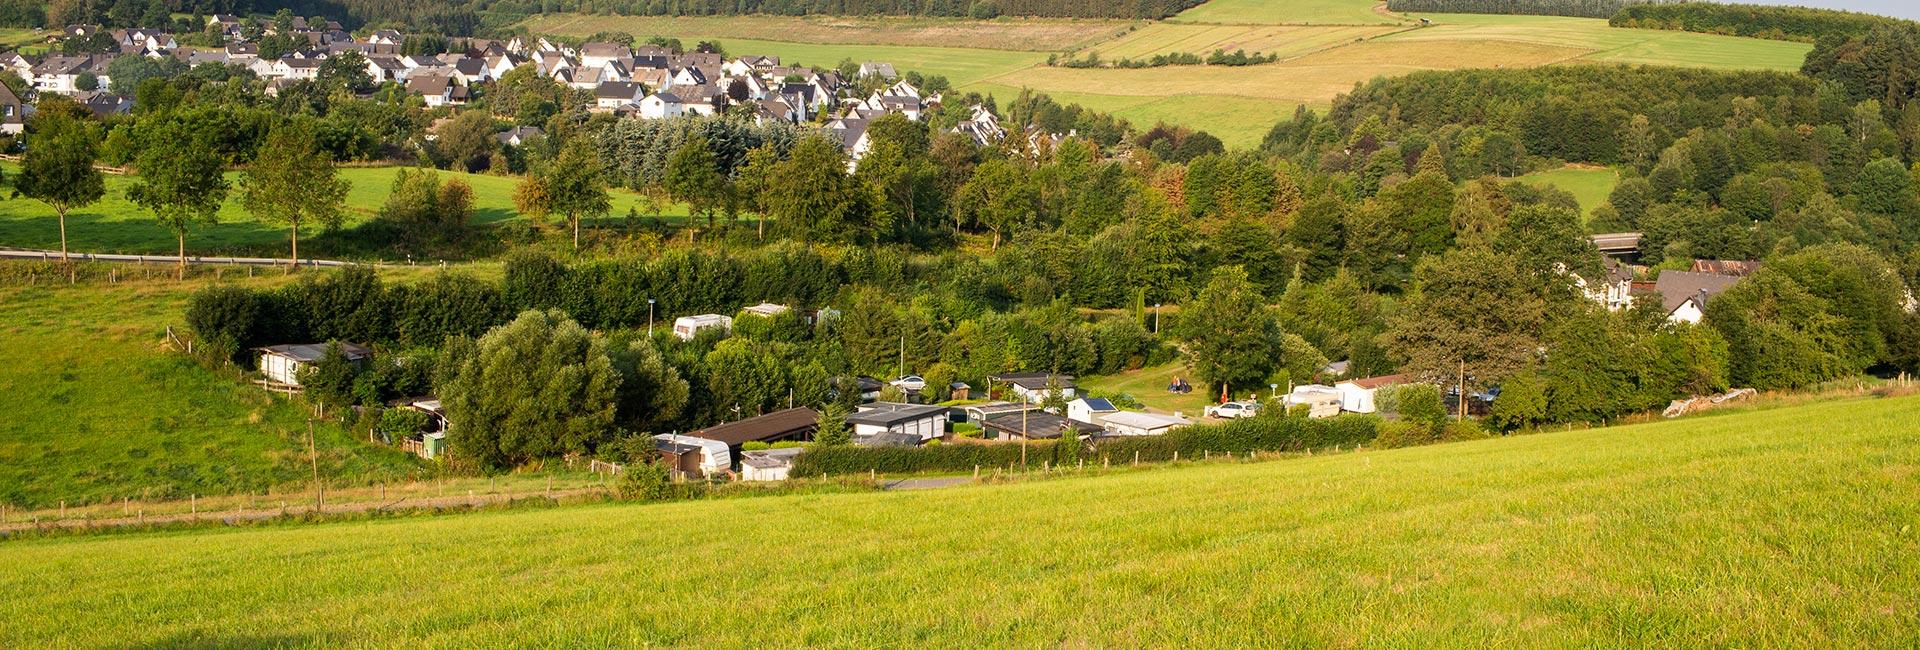 campingplatz_wiesental_sauerland_slider_home_002